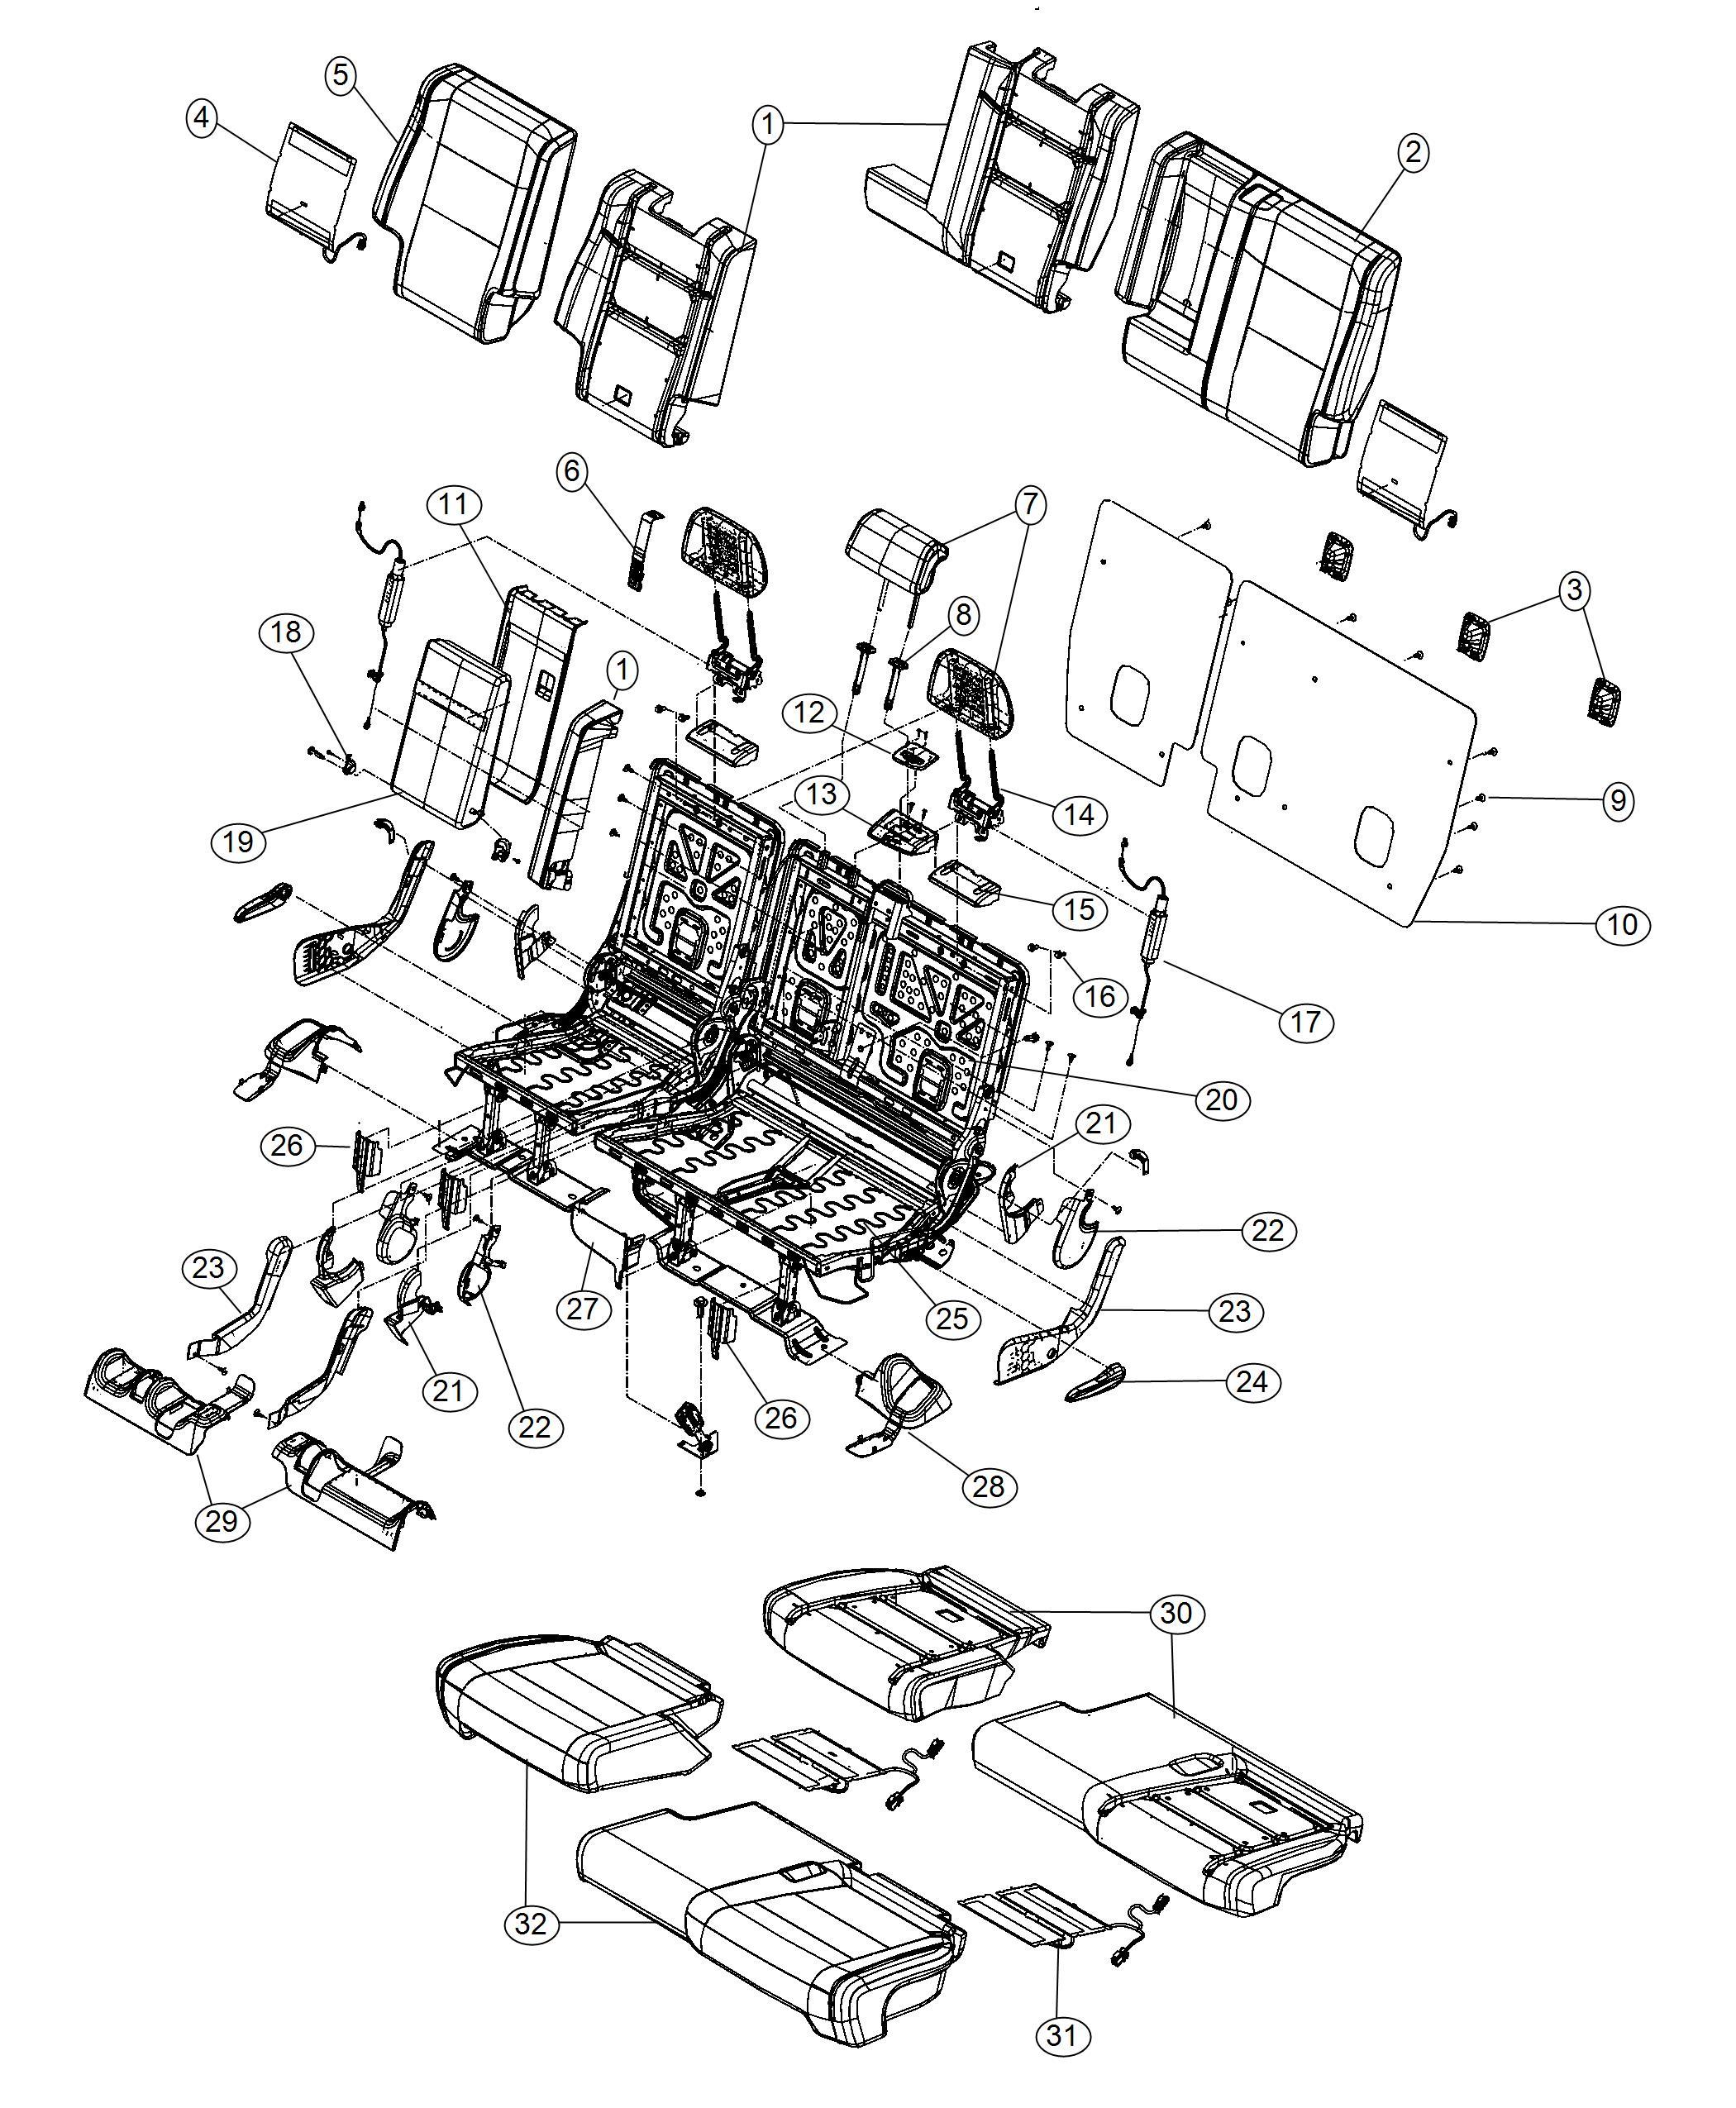 [DIAGRAM] Jeep Cherokee Seat Diagram FULL Version HD